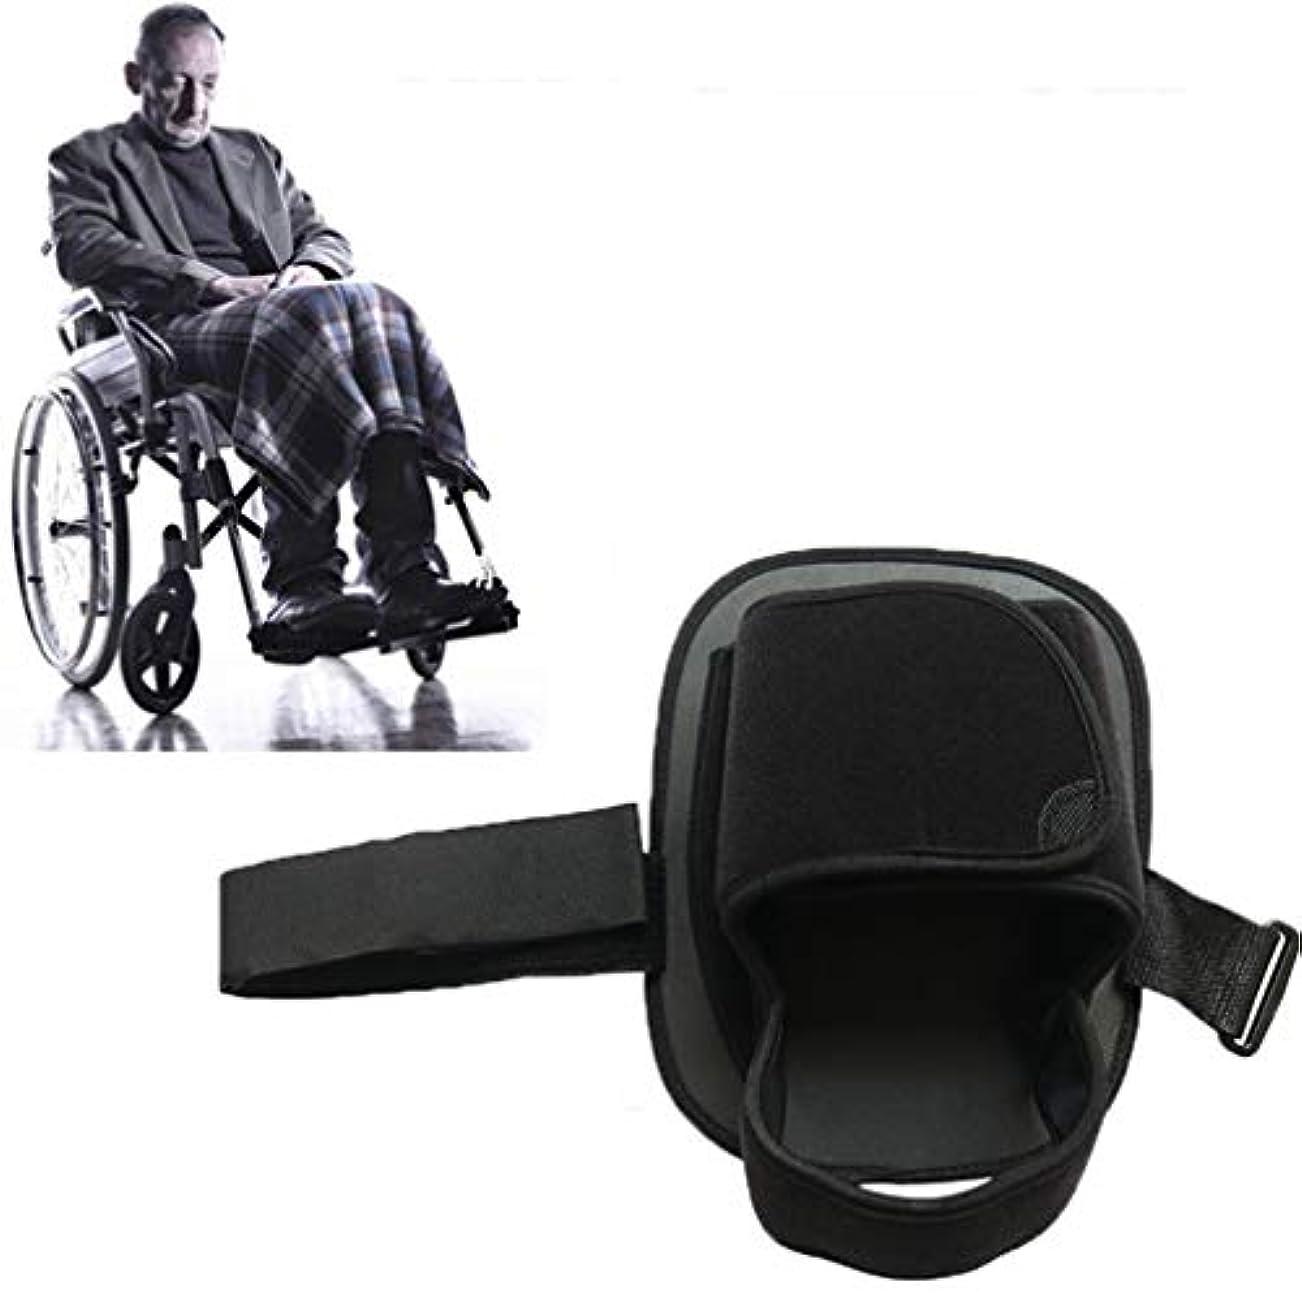 閉じ込めるライドアブセイ車椅子靴ホルダーストラップ安全拘束シューズ(1ペア)高齢者の患者のための車いすペダルフット休符から滑り落ちるの足をキープ